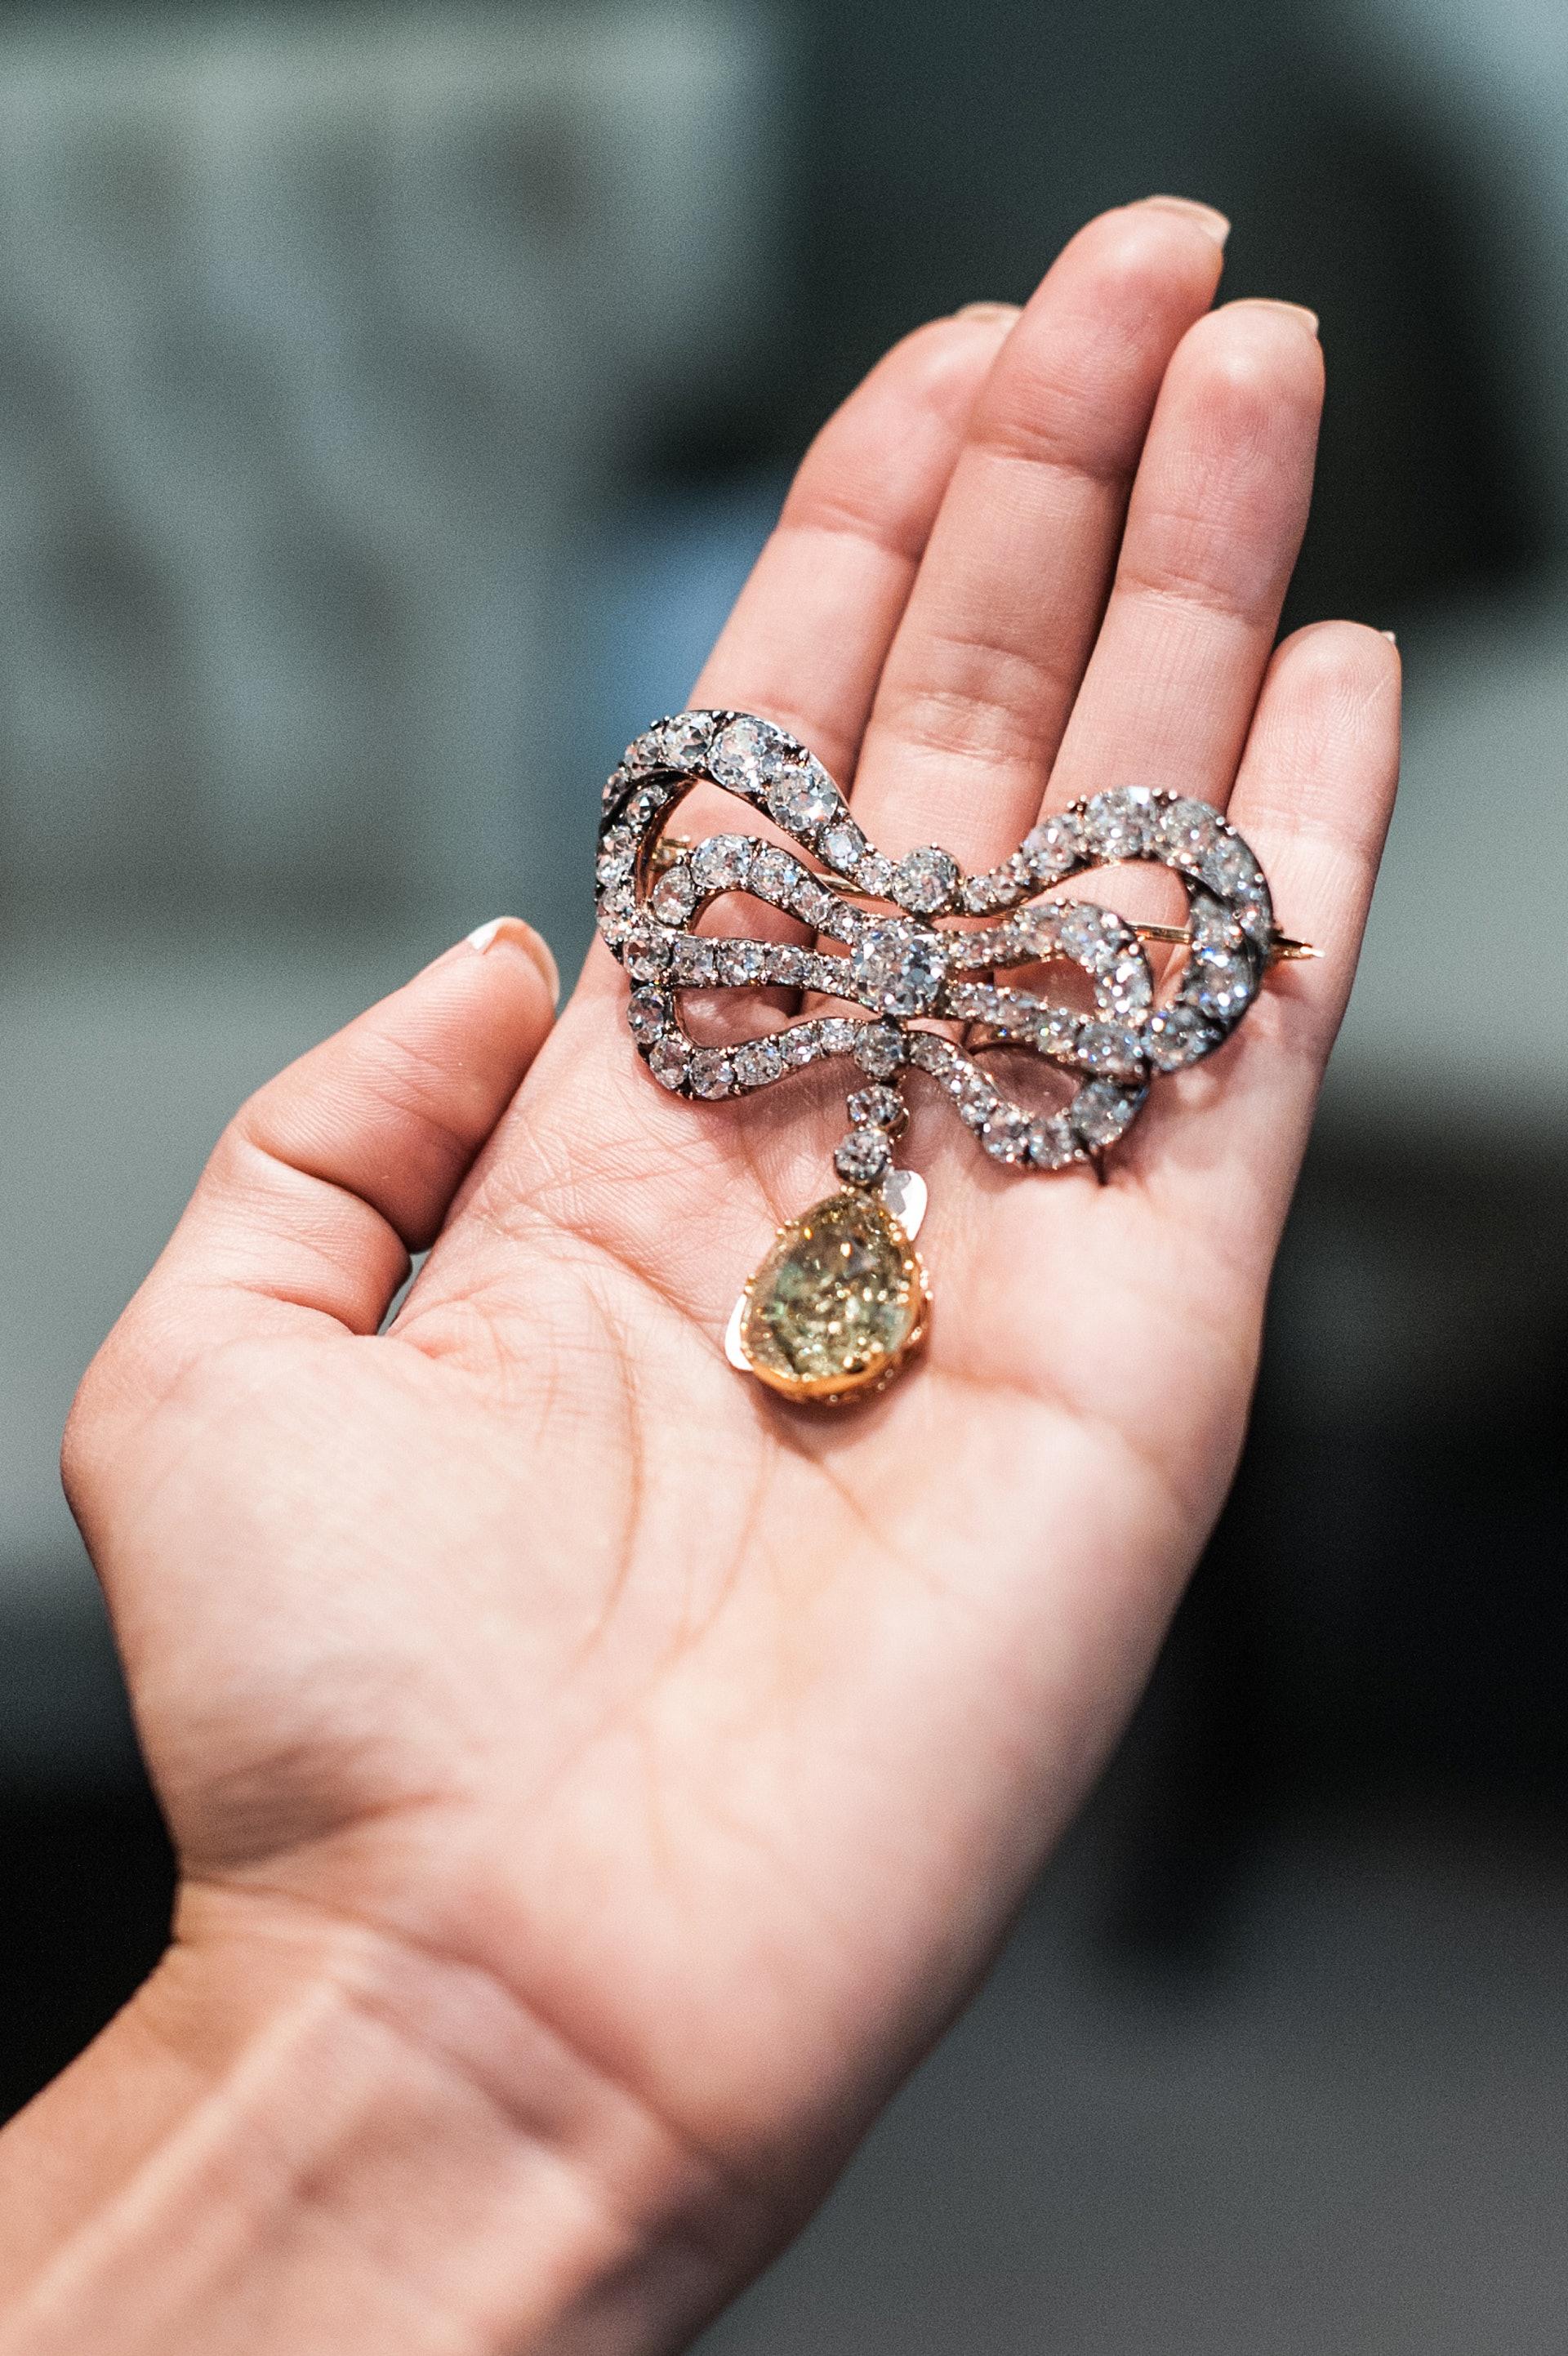 美國紐約當地時間2018年10月12日,蘇富比拍賣行舉辦媒體預展,展出即將拍賣的波旁·帕爾瑪家族皇室珠寶,最大亮點是多件曾由法國瑪麗王后所擁有的珍珠和鑽石珠寶。(視覺中國)